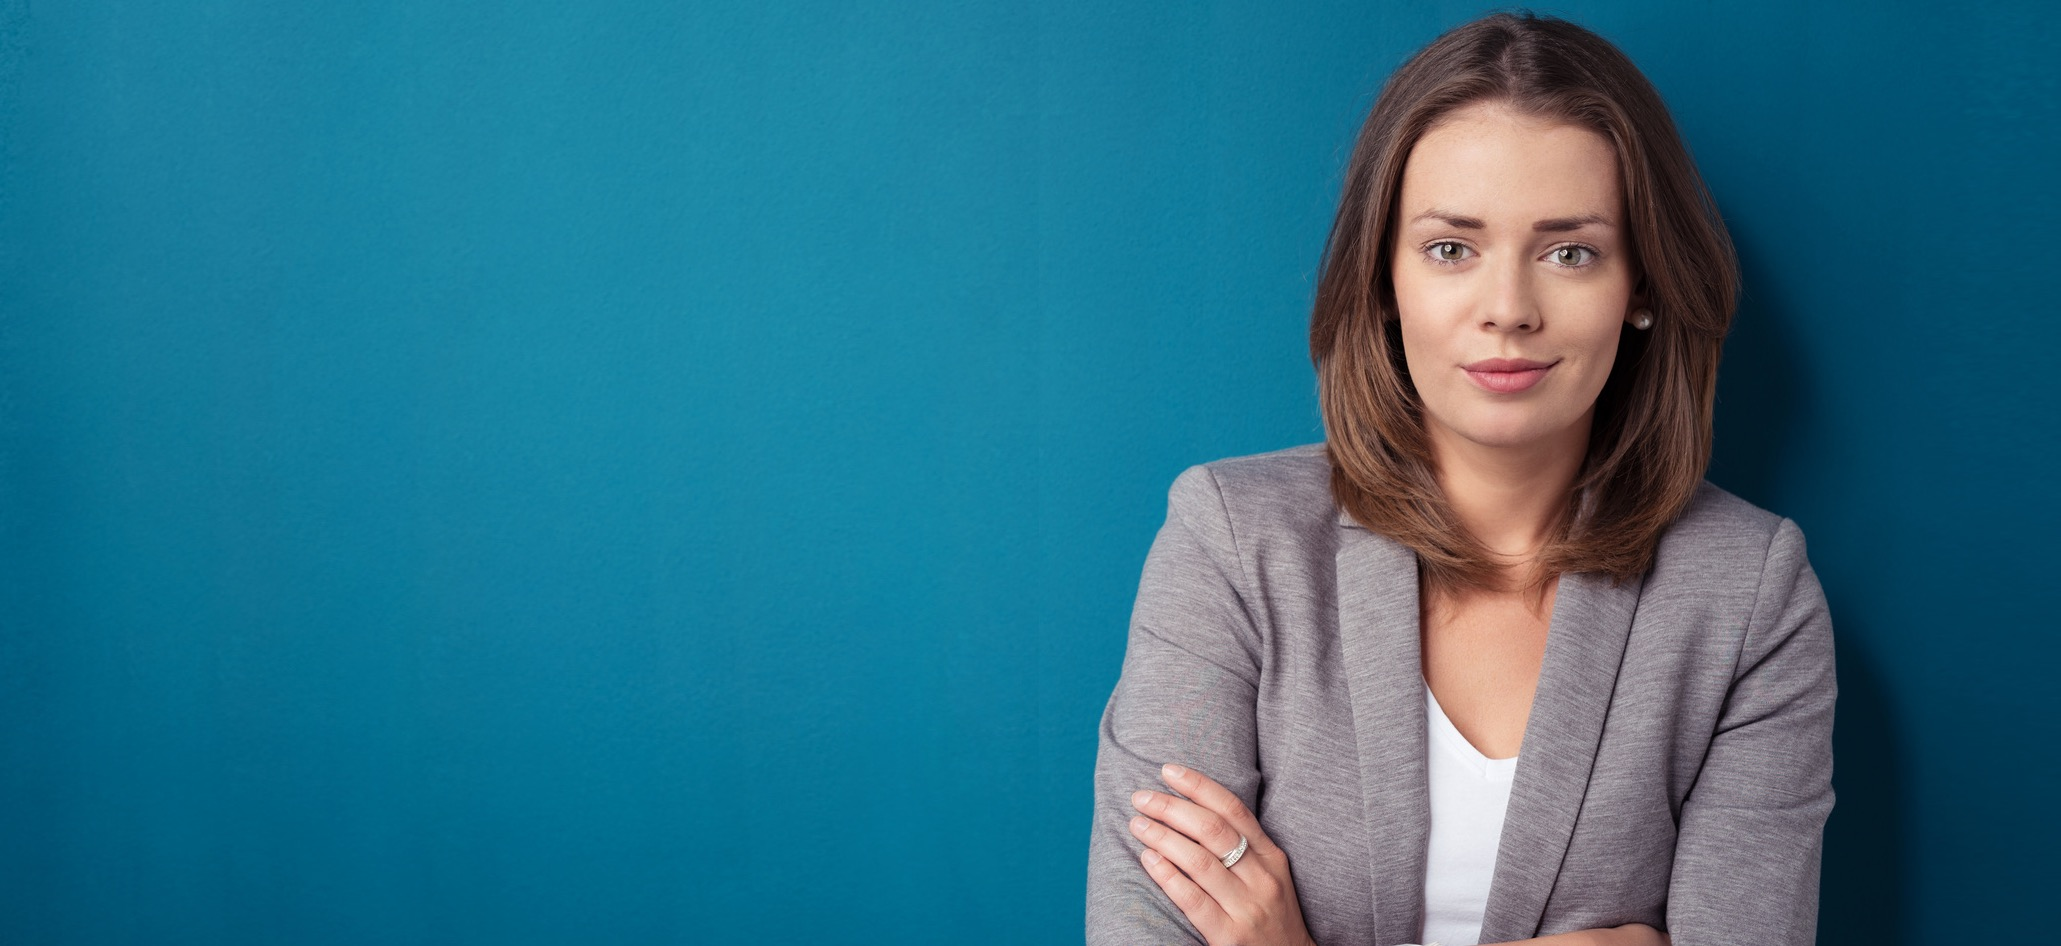 geschäftsfrau mit verschränkten armen vor blauem hintergrund